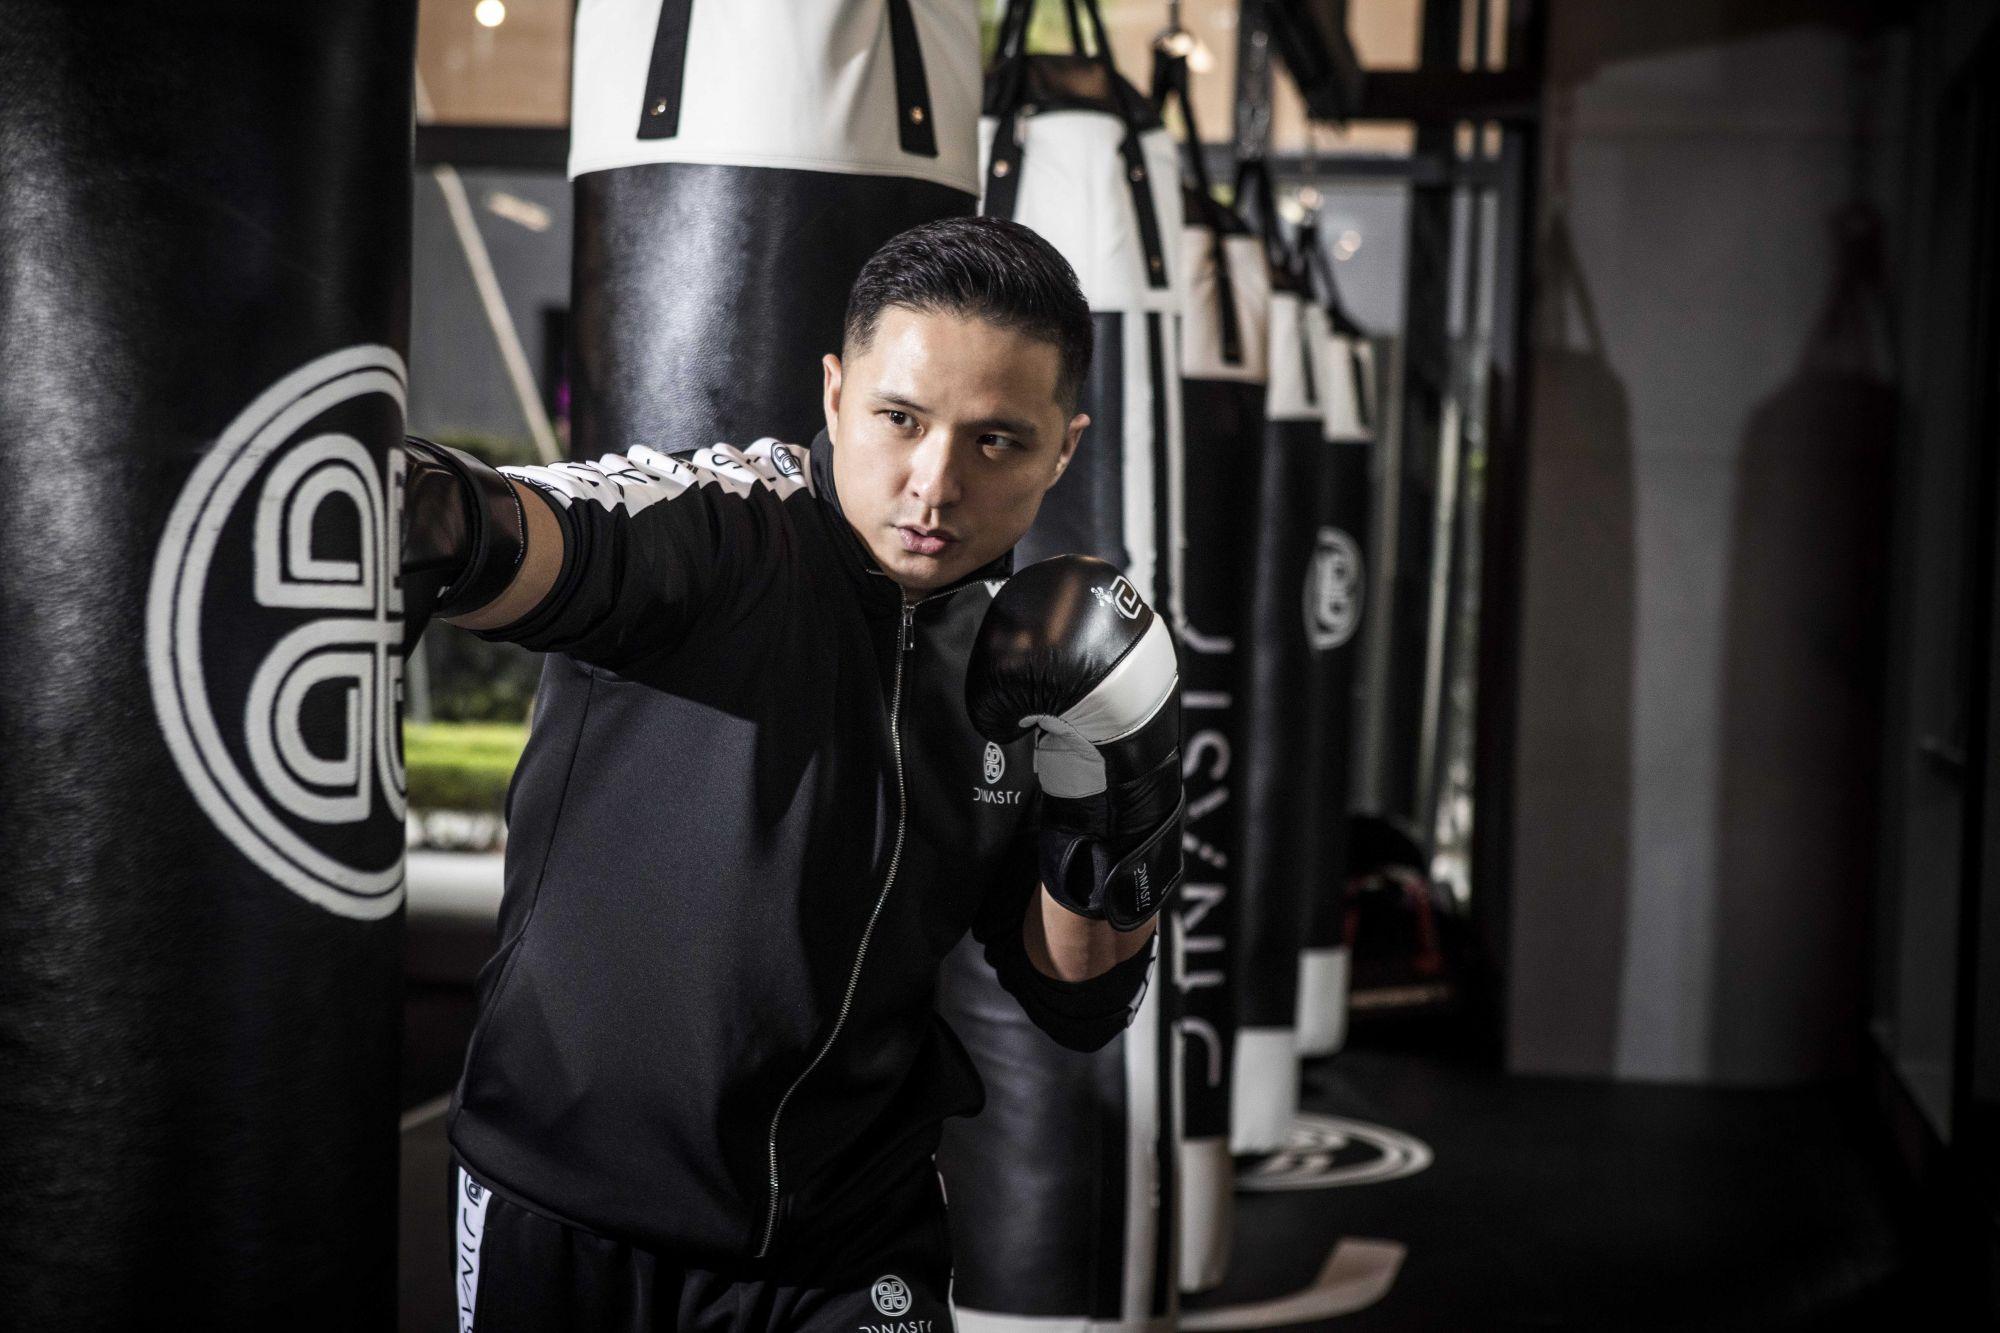 Dynasty皇家官邸聯誼會創辦人Royal:「我認為健身並不是擁有傲人的六塊肌,而是透過運動,讓人更了解自己、認識自己。」